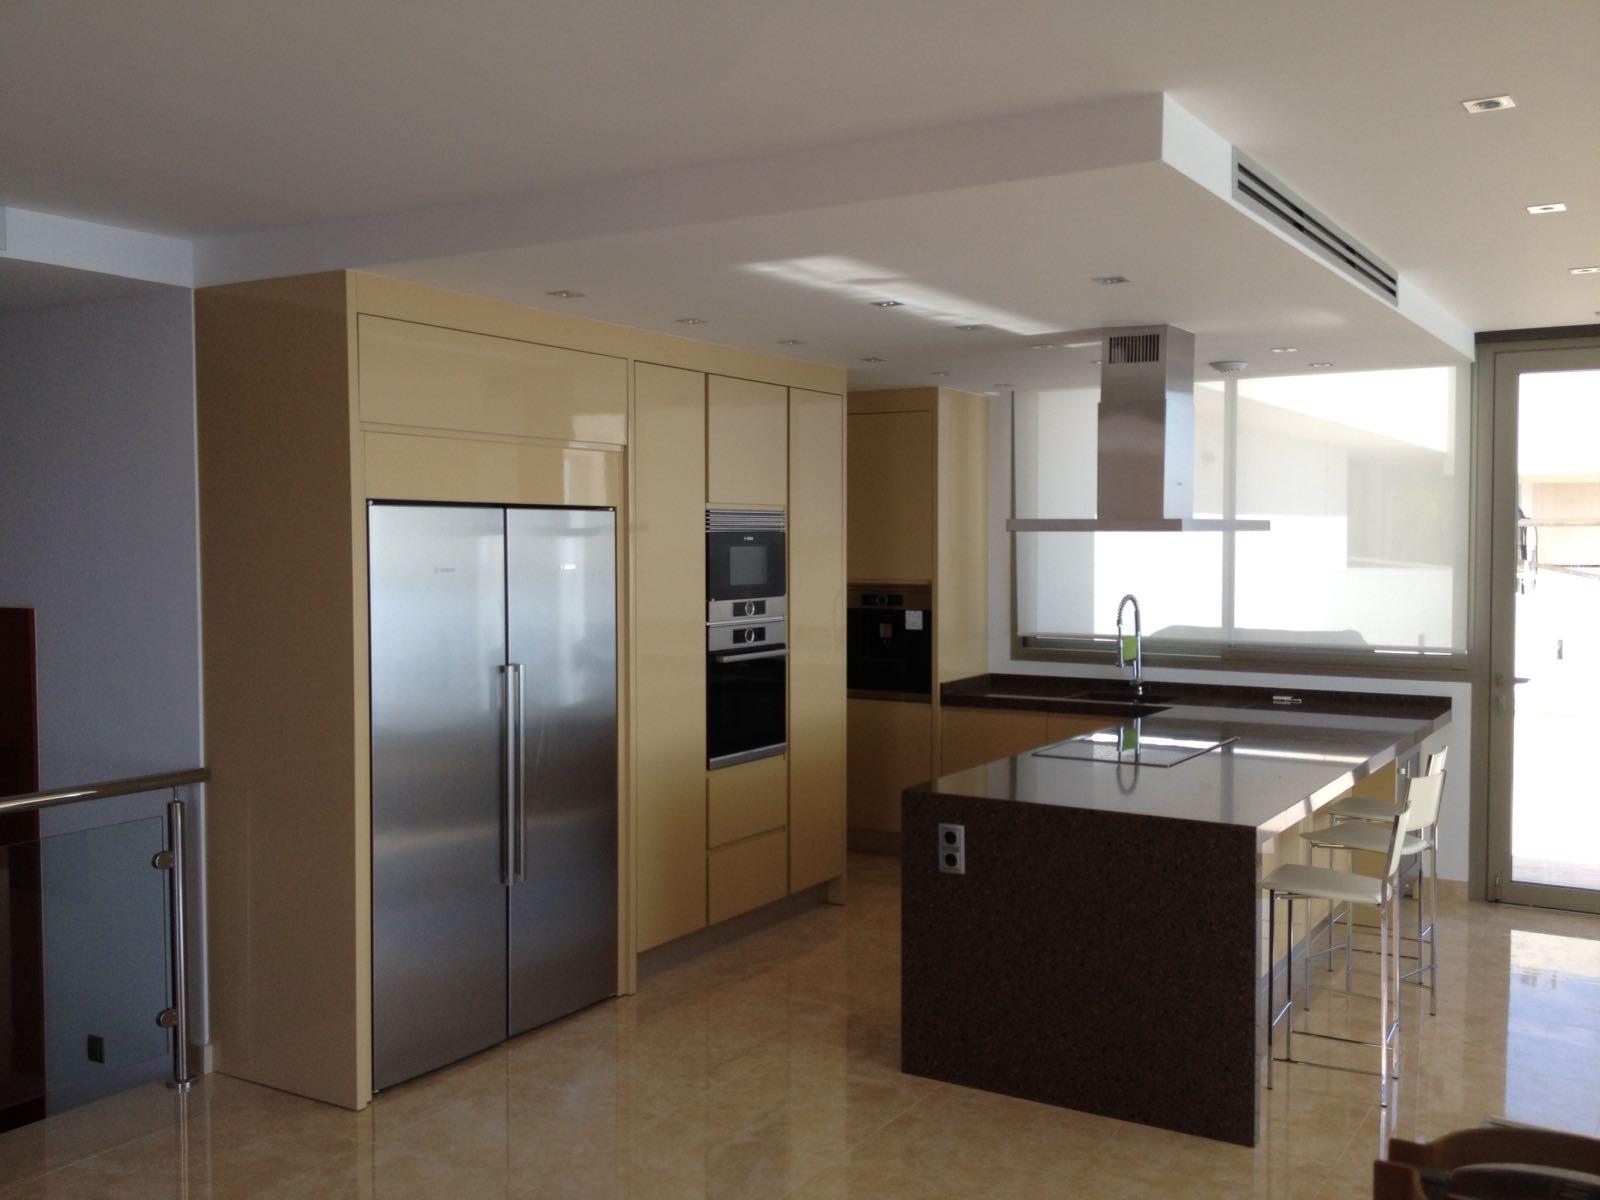 Fabricacion fabrica cocinas a medida valencia 12 muebles for Fabrica muebles valencia